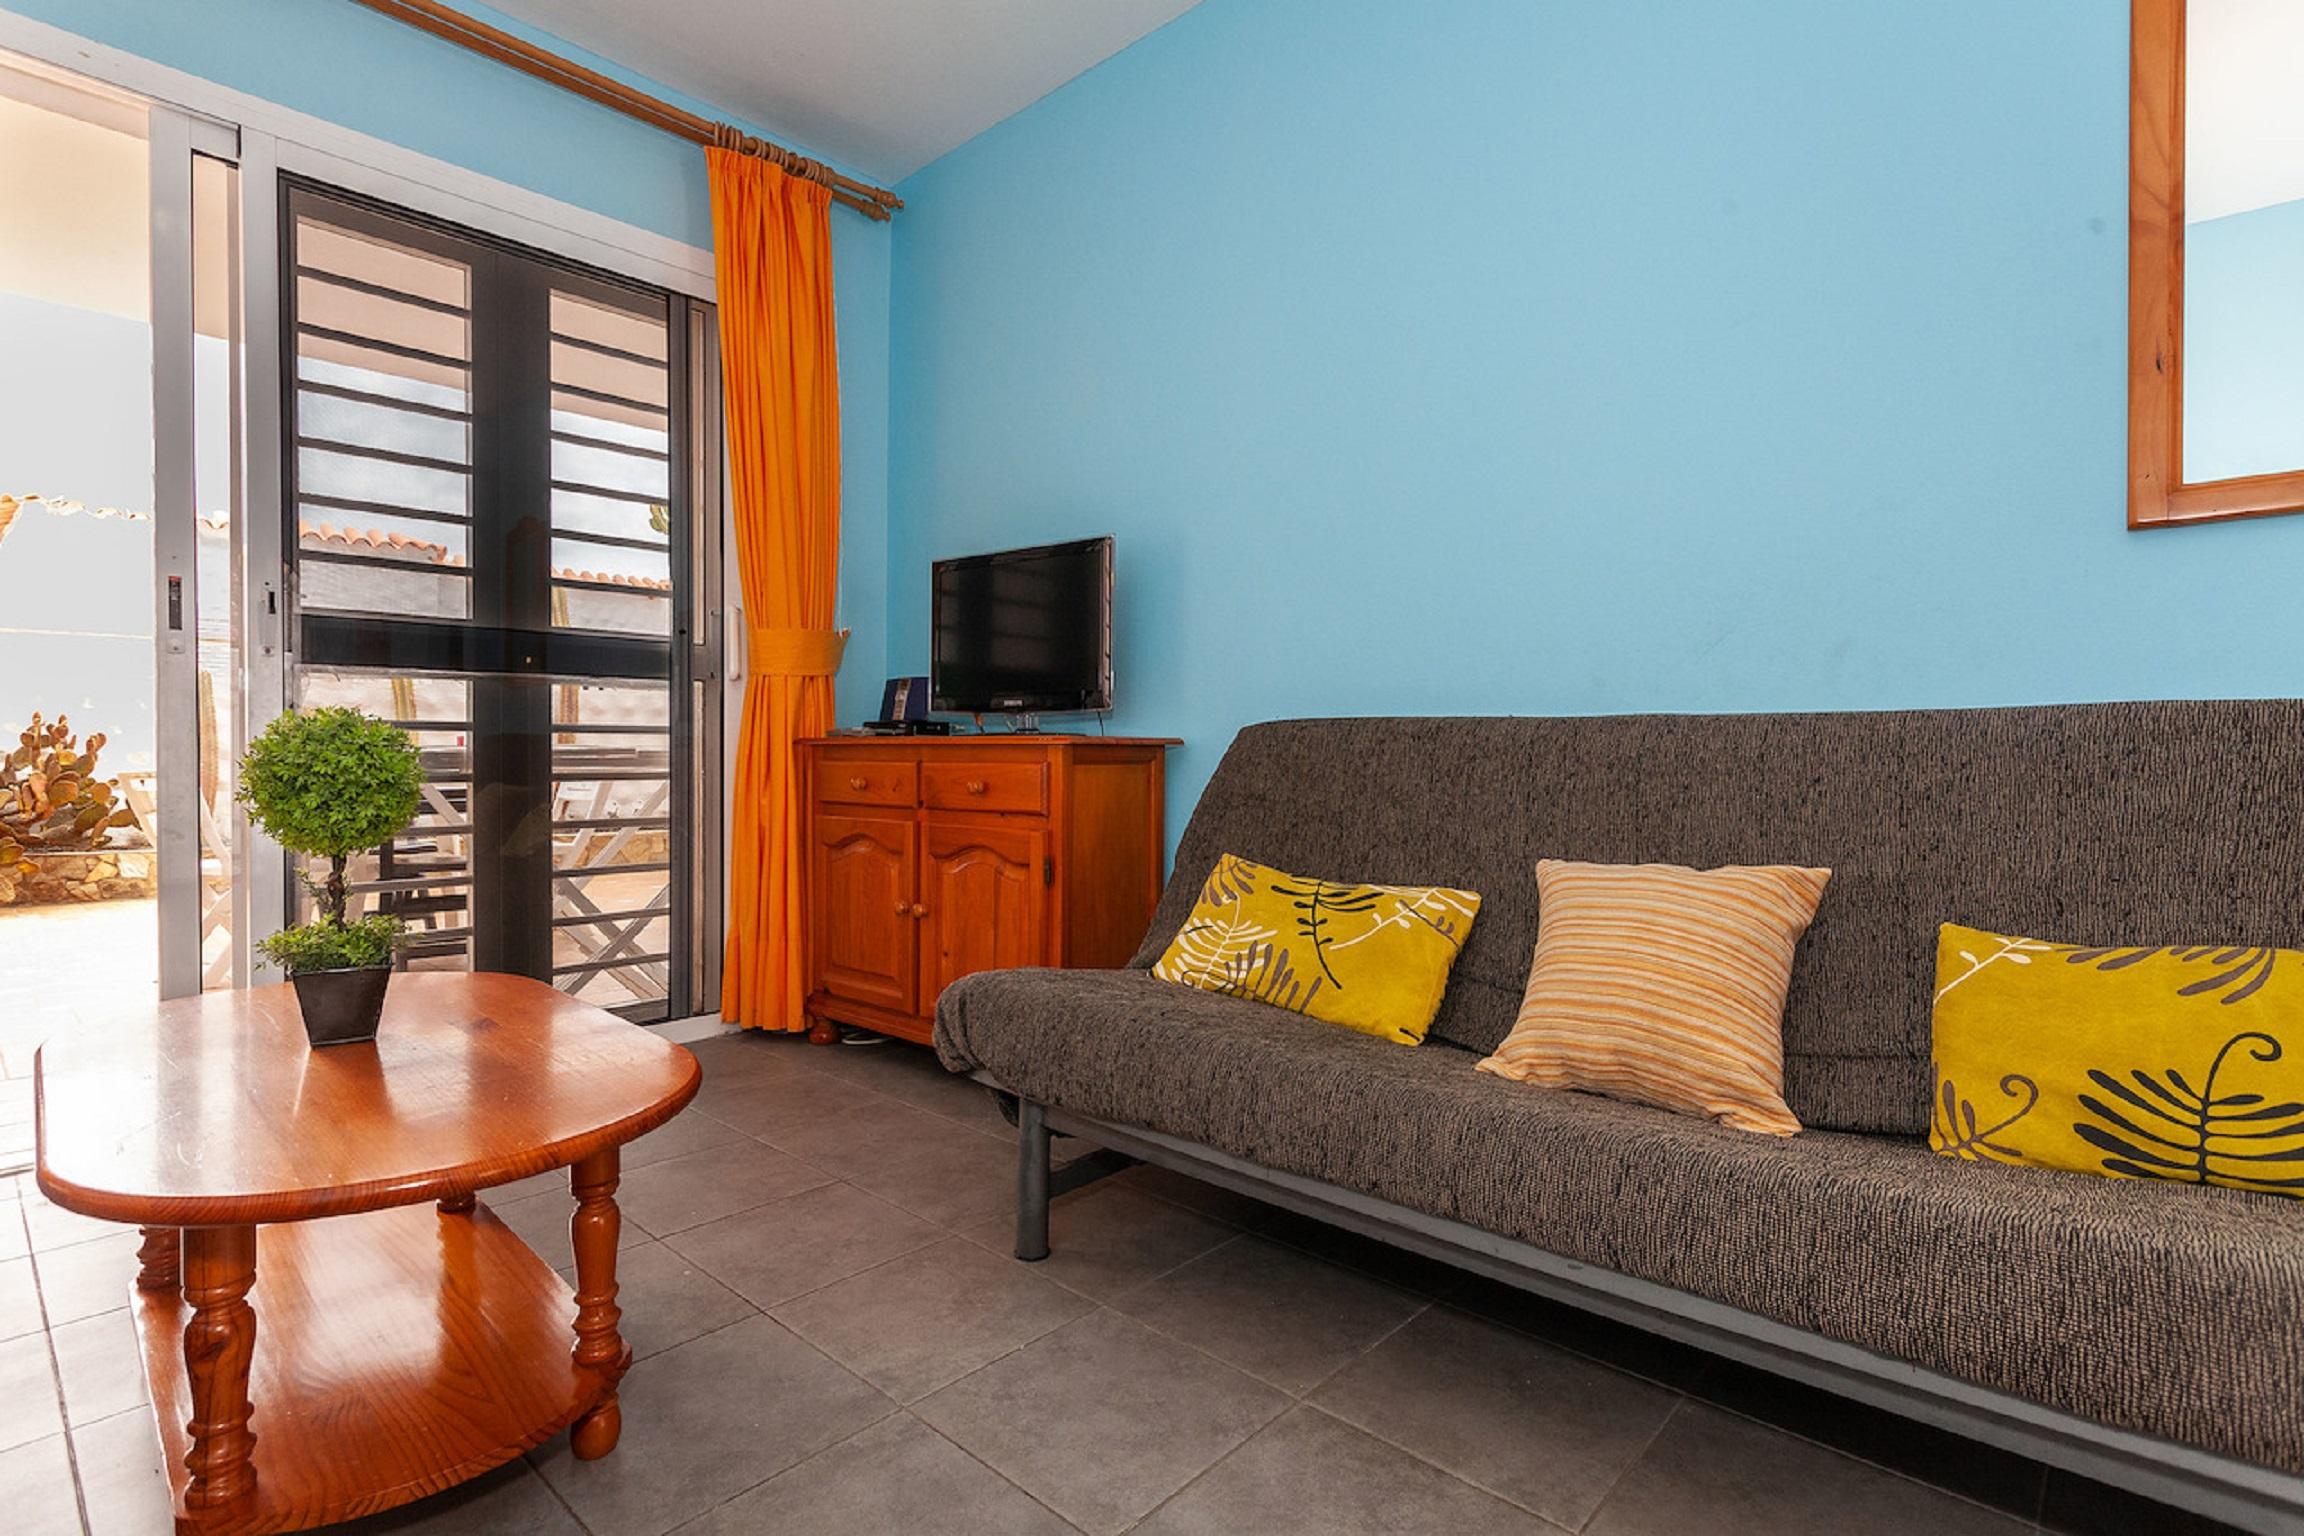 Ferienwohnung Apartment in Strandnhe mit groer Terrasse, Wlan und Parkplatz (2628896), Costa Calma, Fuerteventura, Kanarische Inseln, Spanien, Bild 6